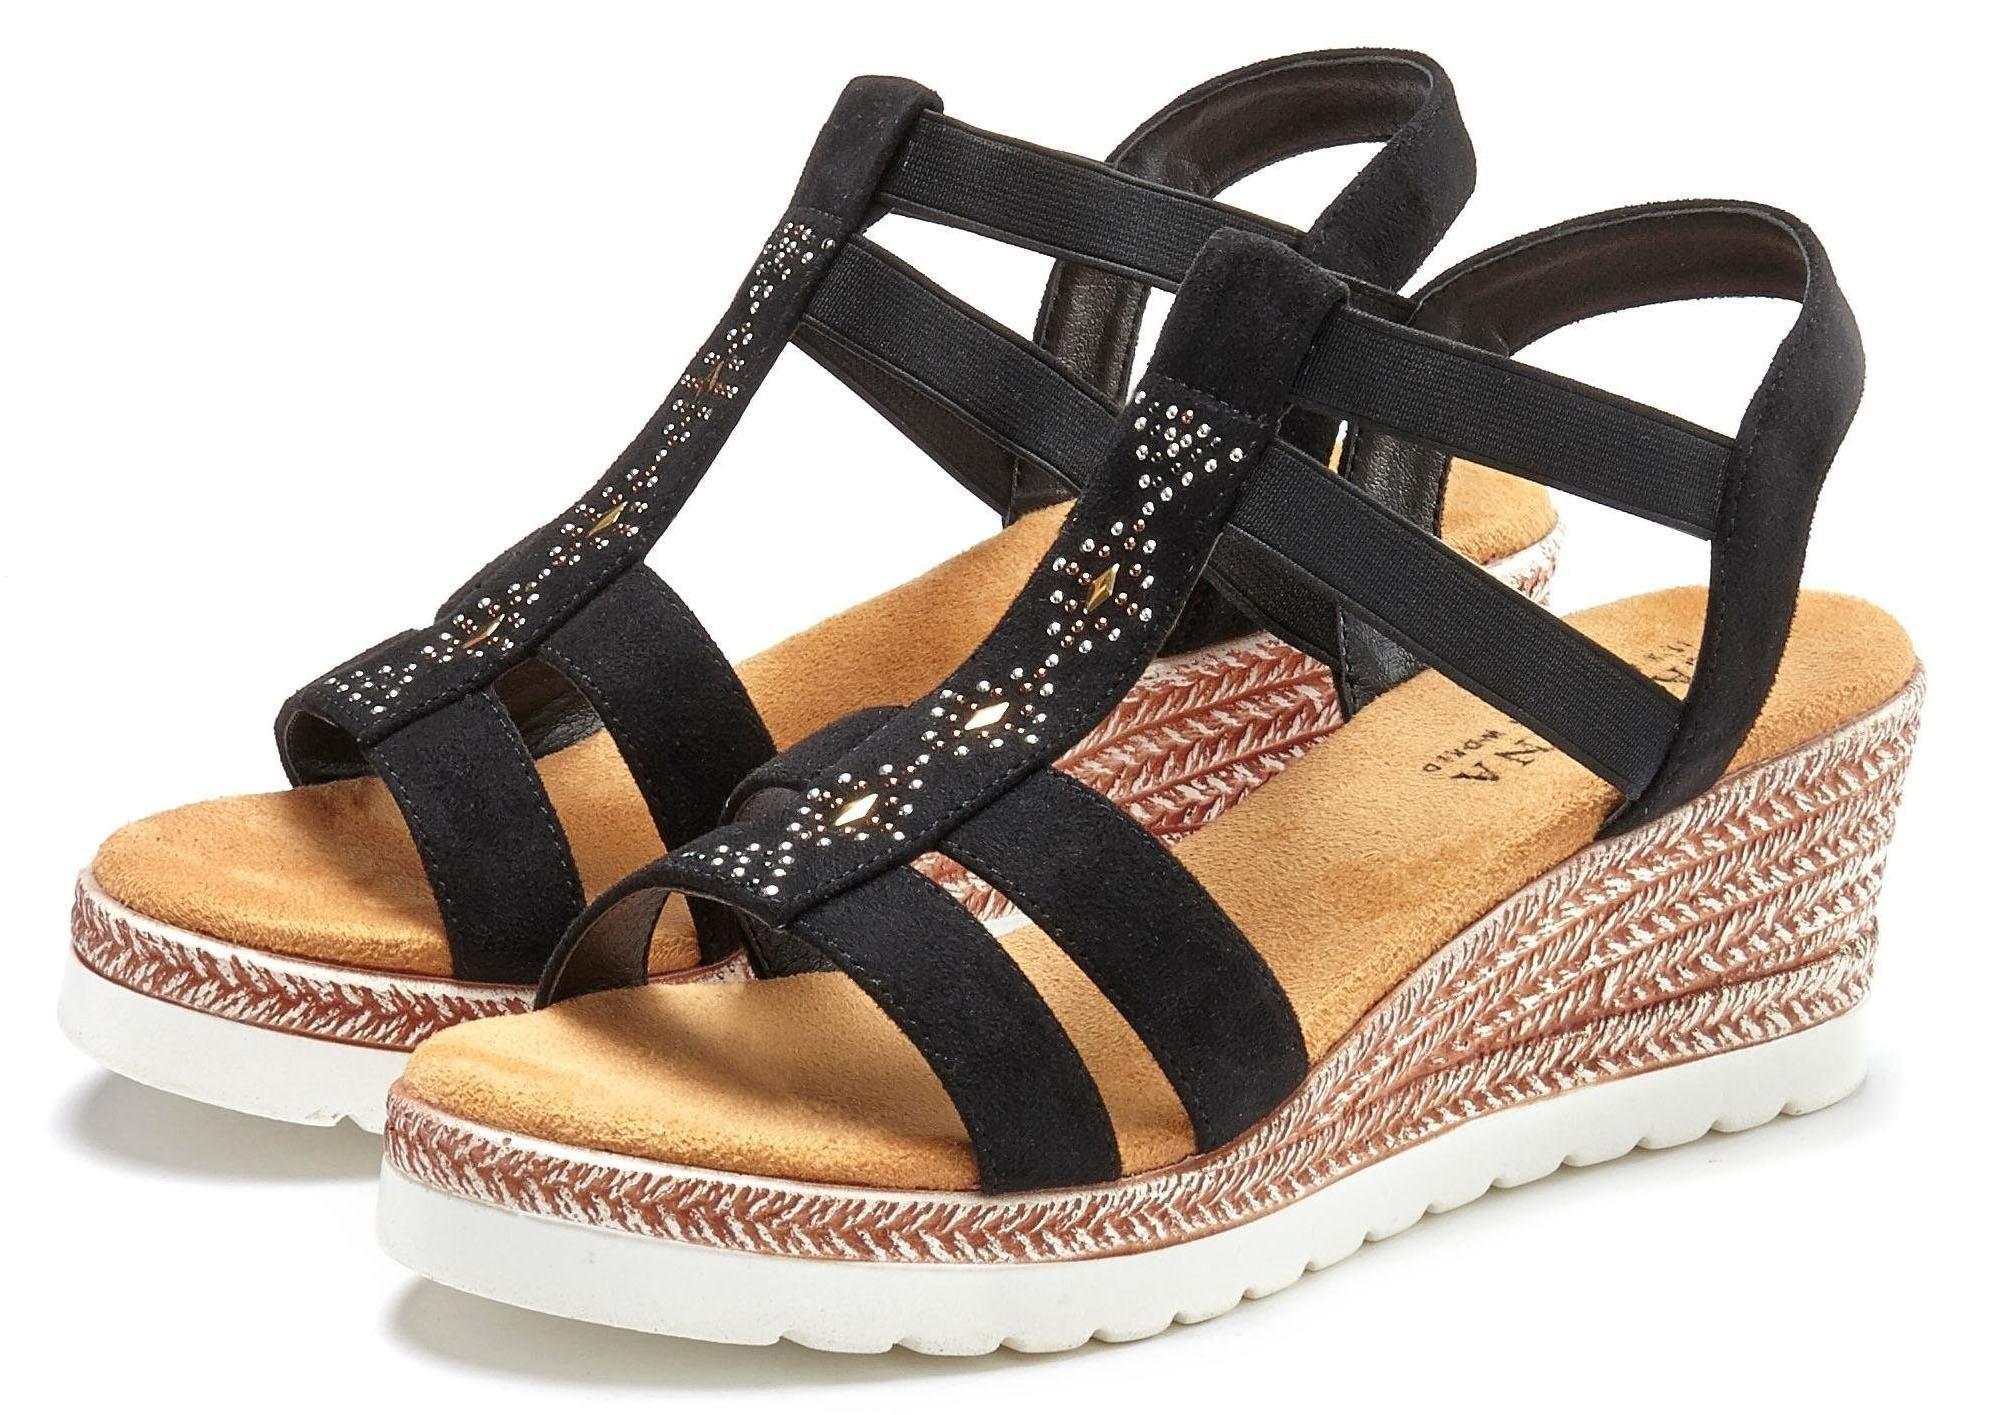 LASCANA Sandalette mit Keilabsatz und dekorativen Pailletten